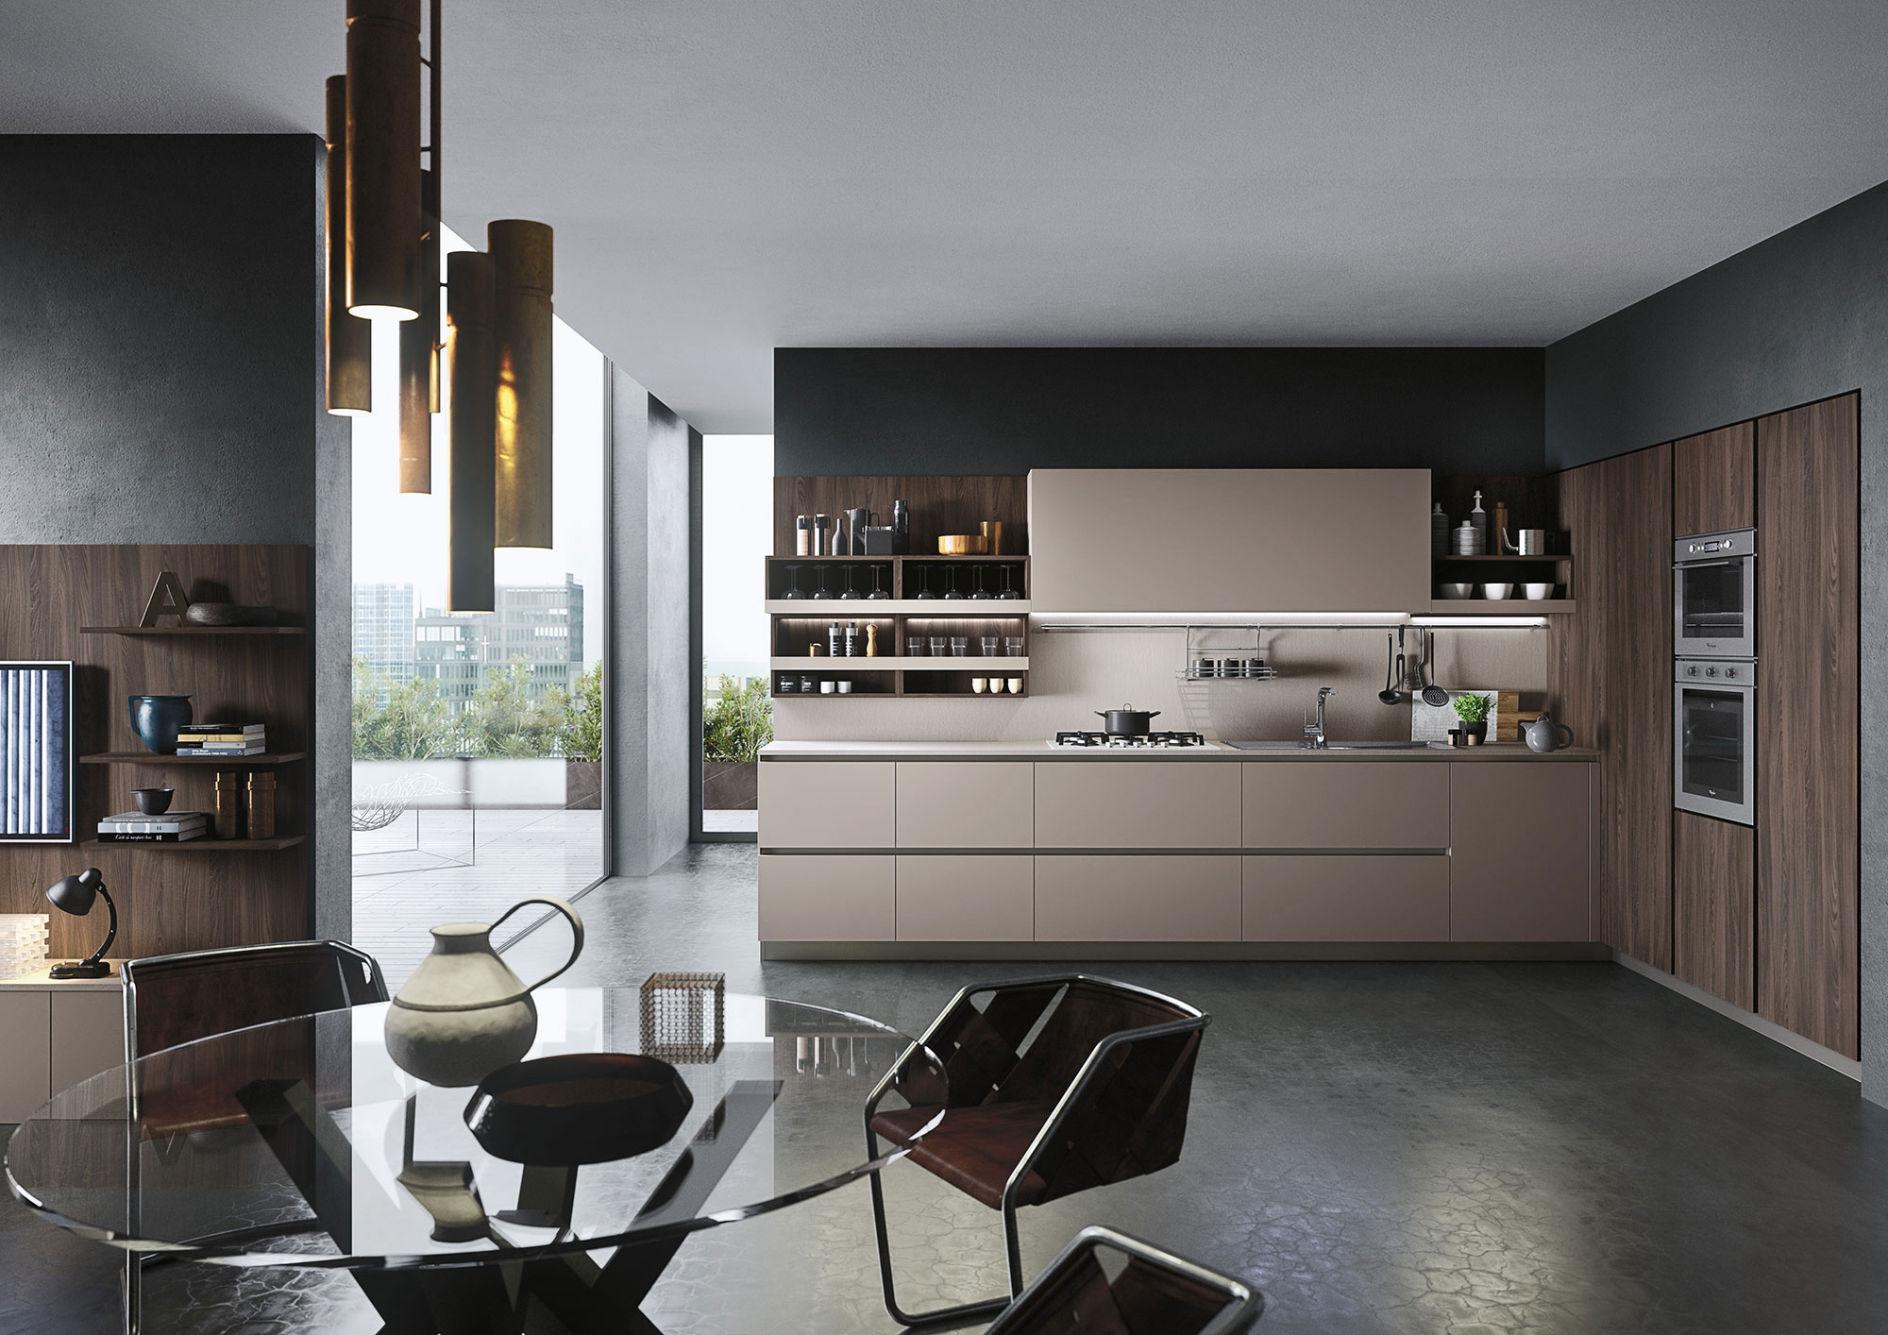 Installateur cuisine Snaidero design à Toulon - VAR